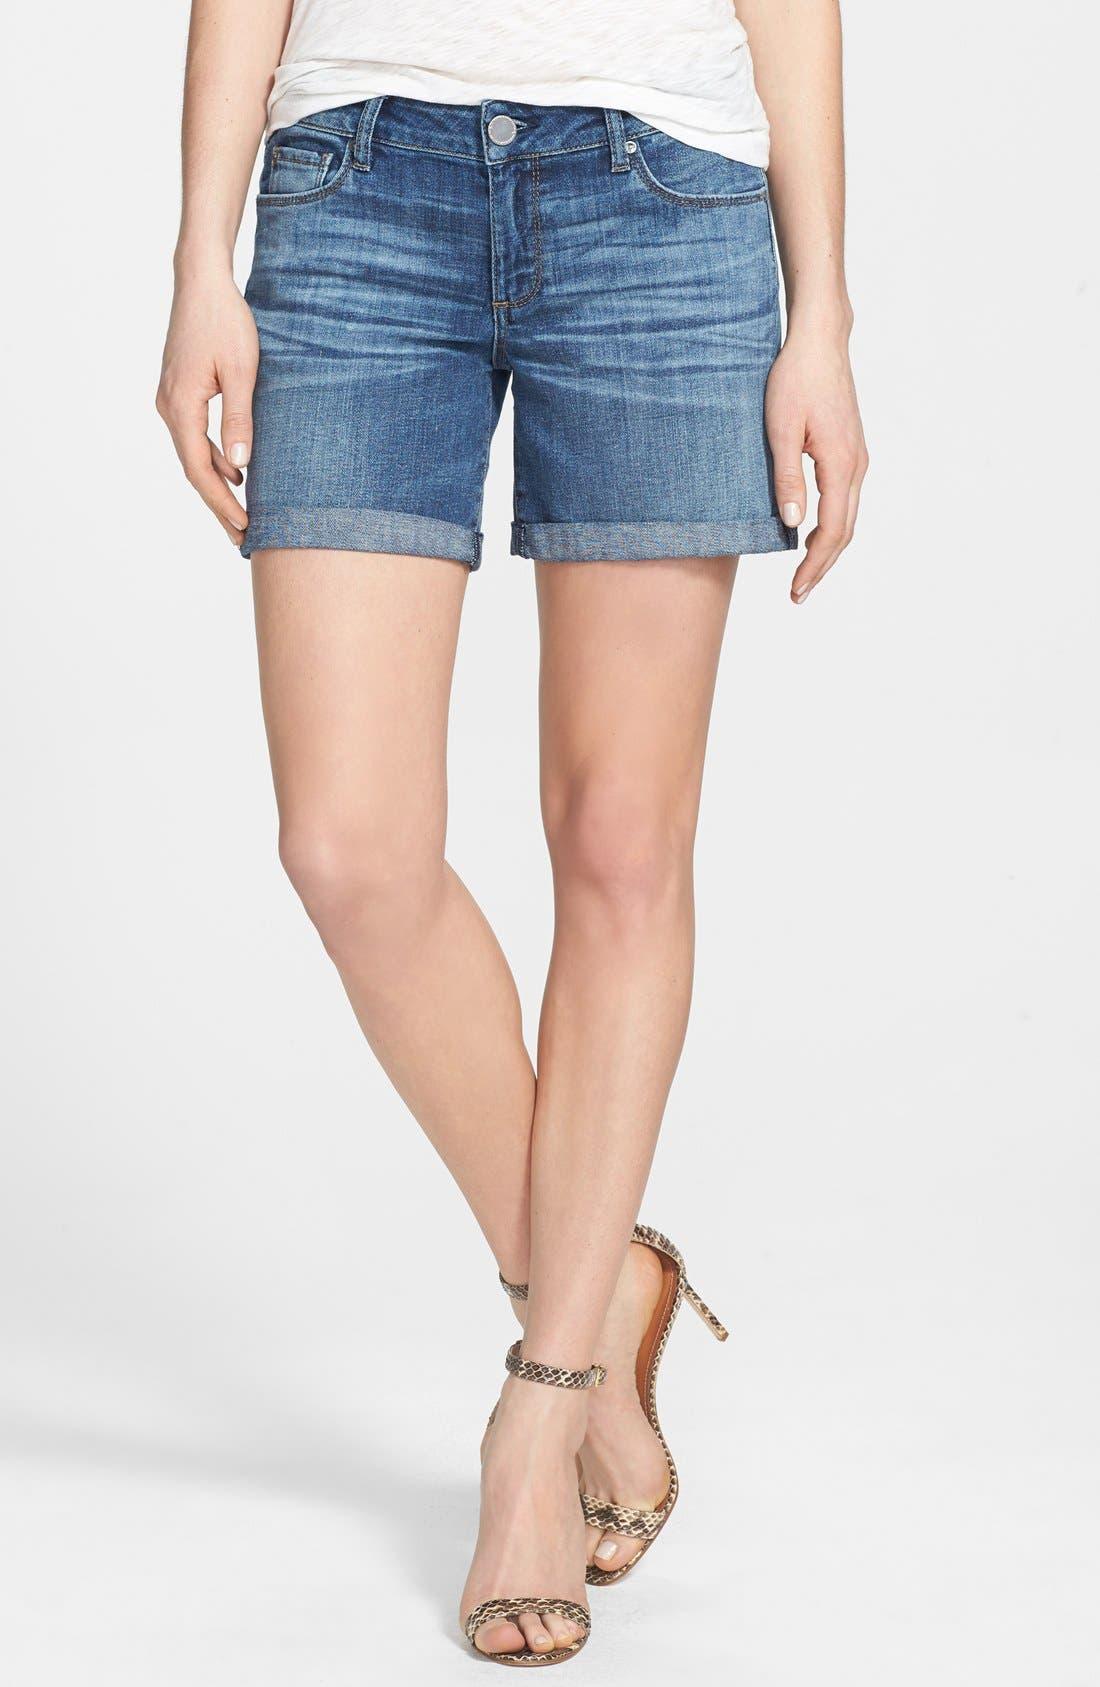 Alternate Image 1 Selected - DL1961 'Karlie' Boyfriend Denim Shorts